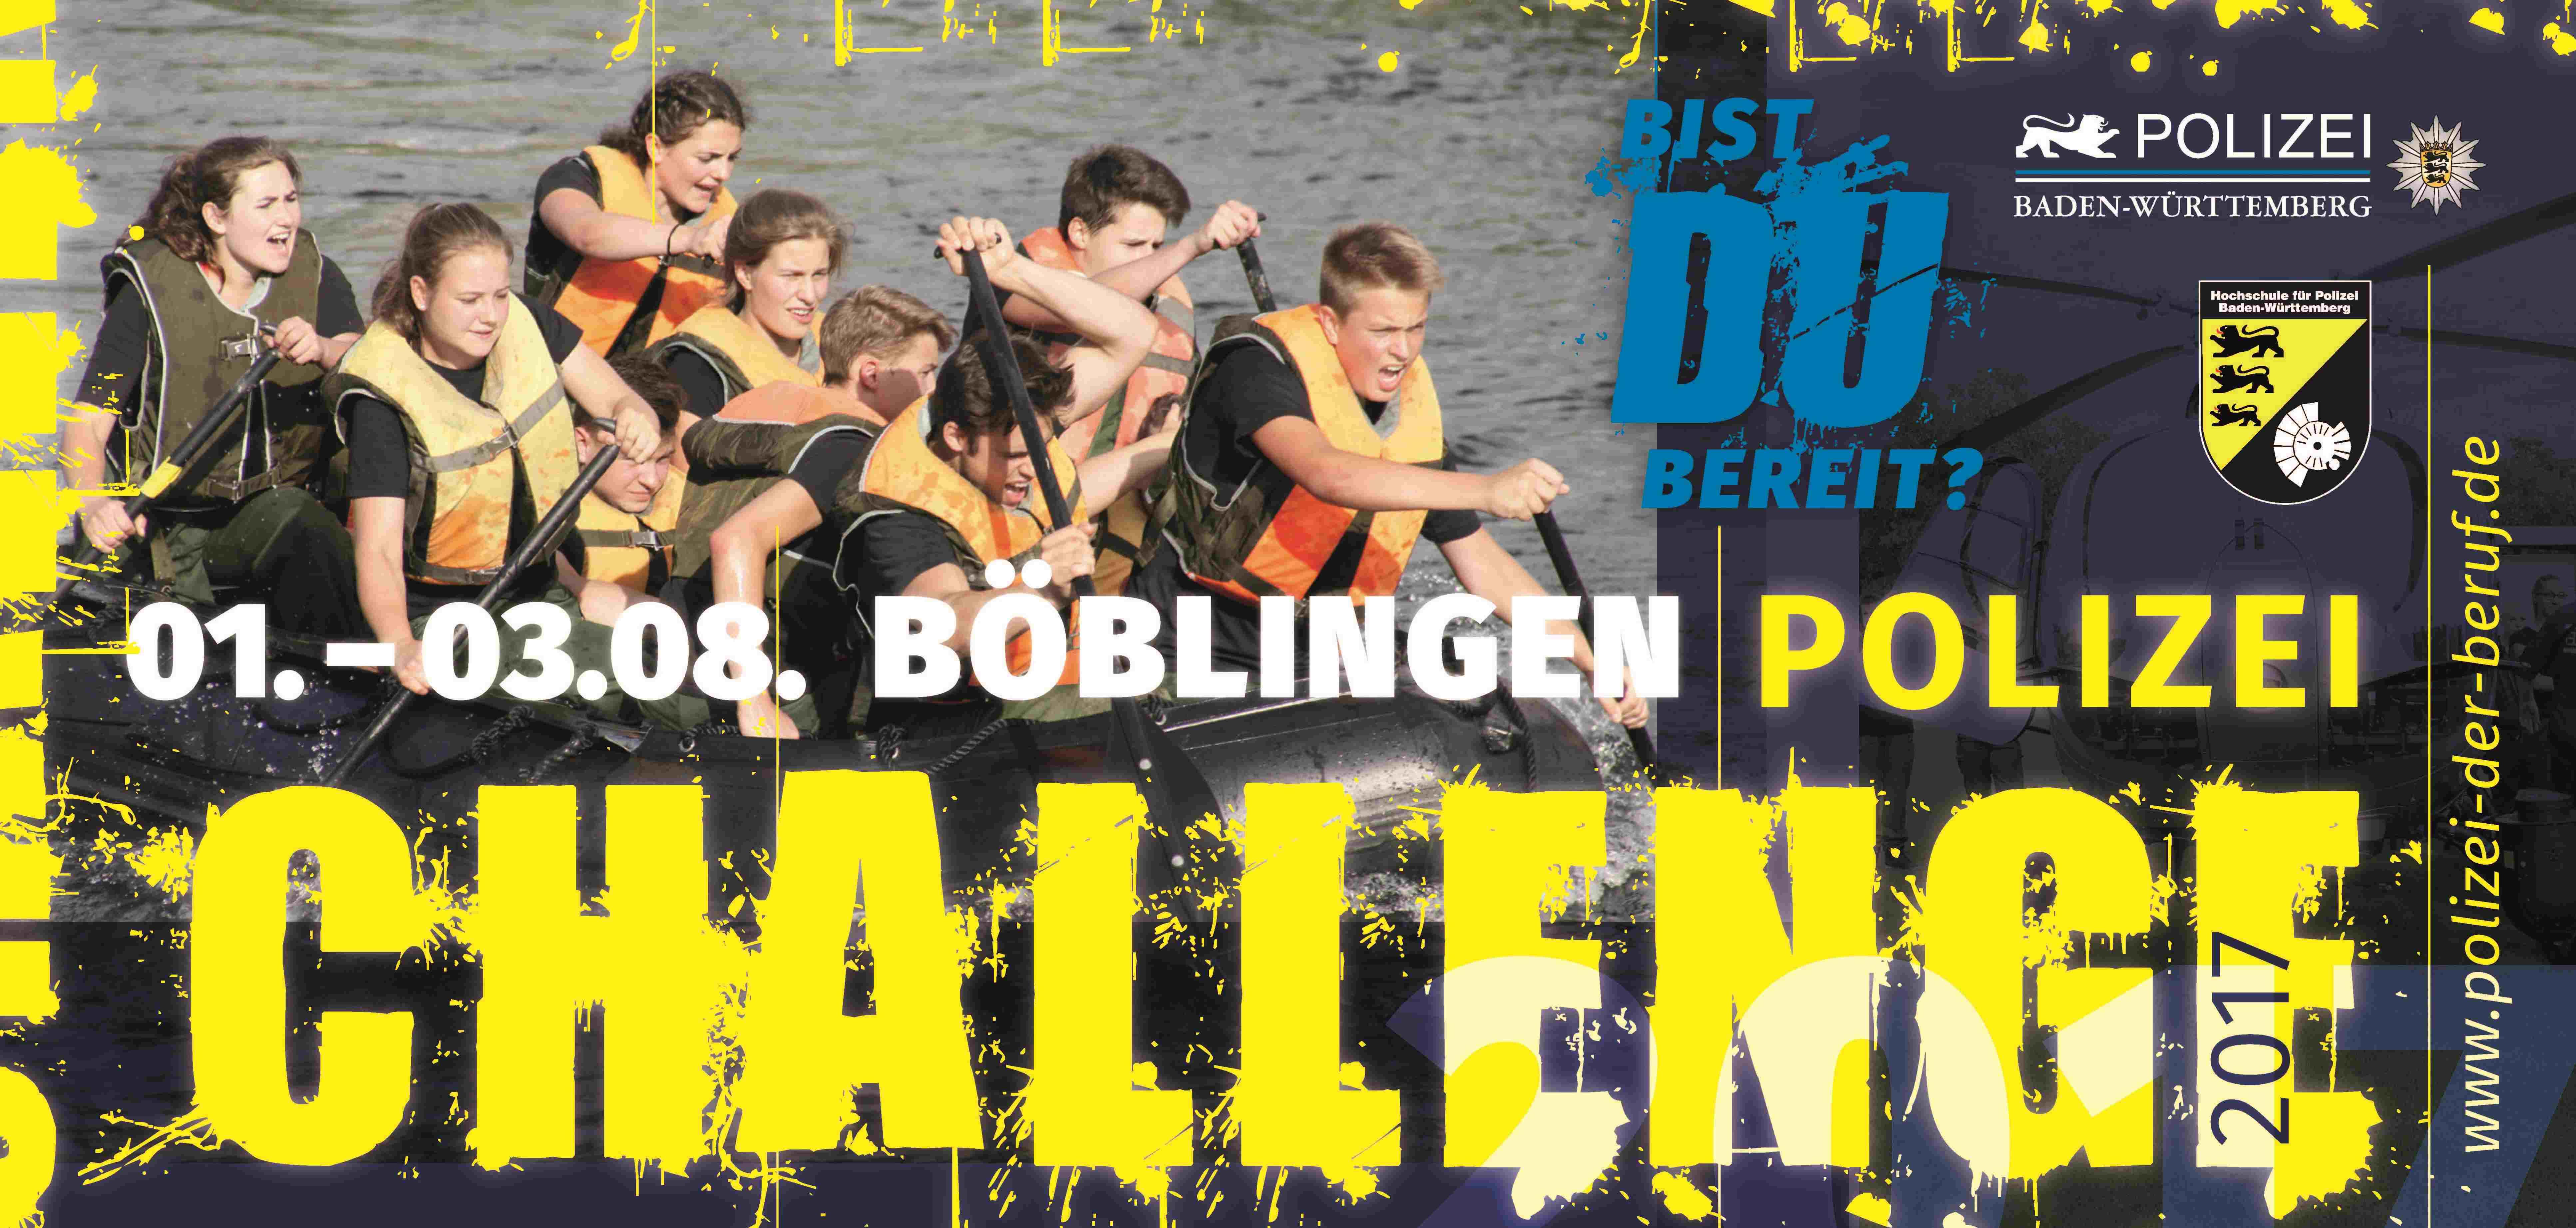 ulm ots die polizei baden wrttemberg - Polizei Baden Wurttemberg Bewerbung